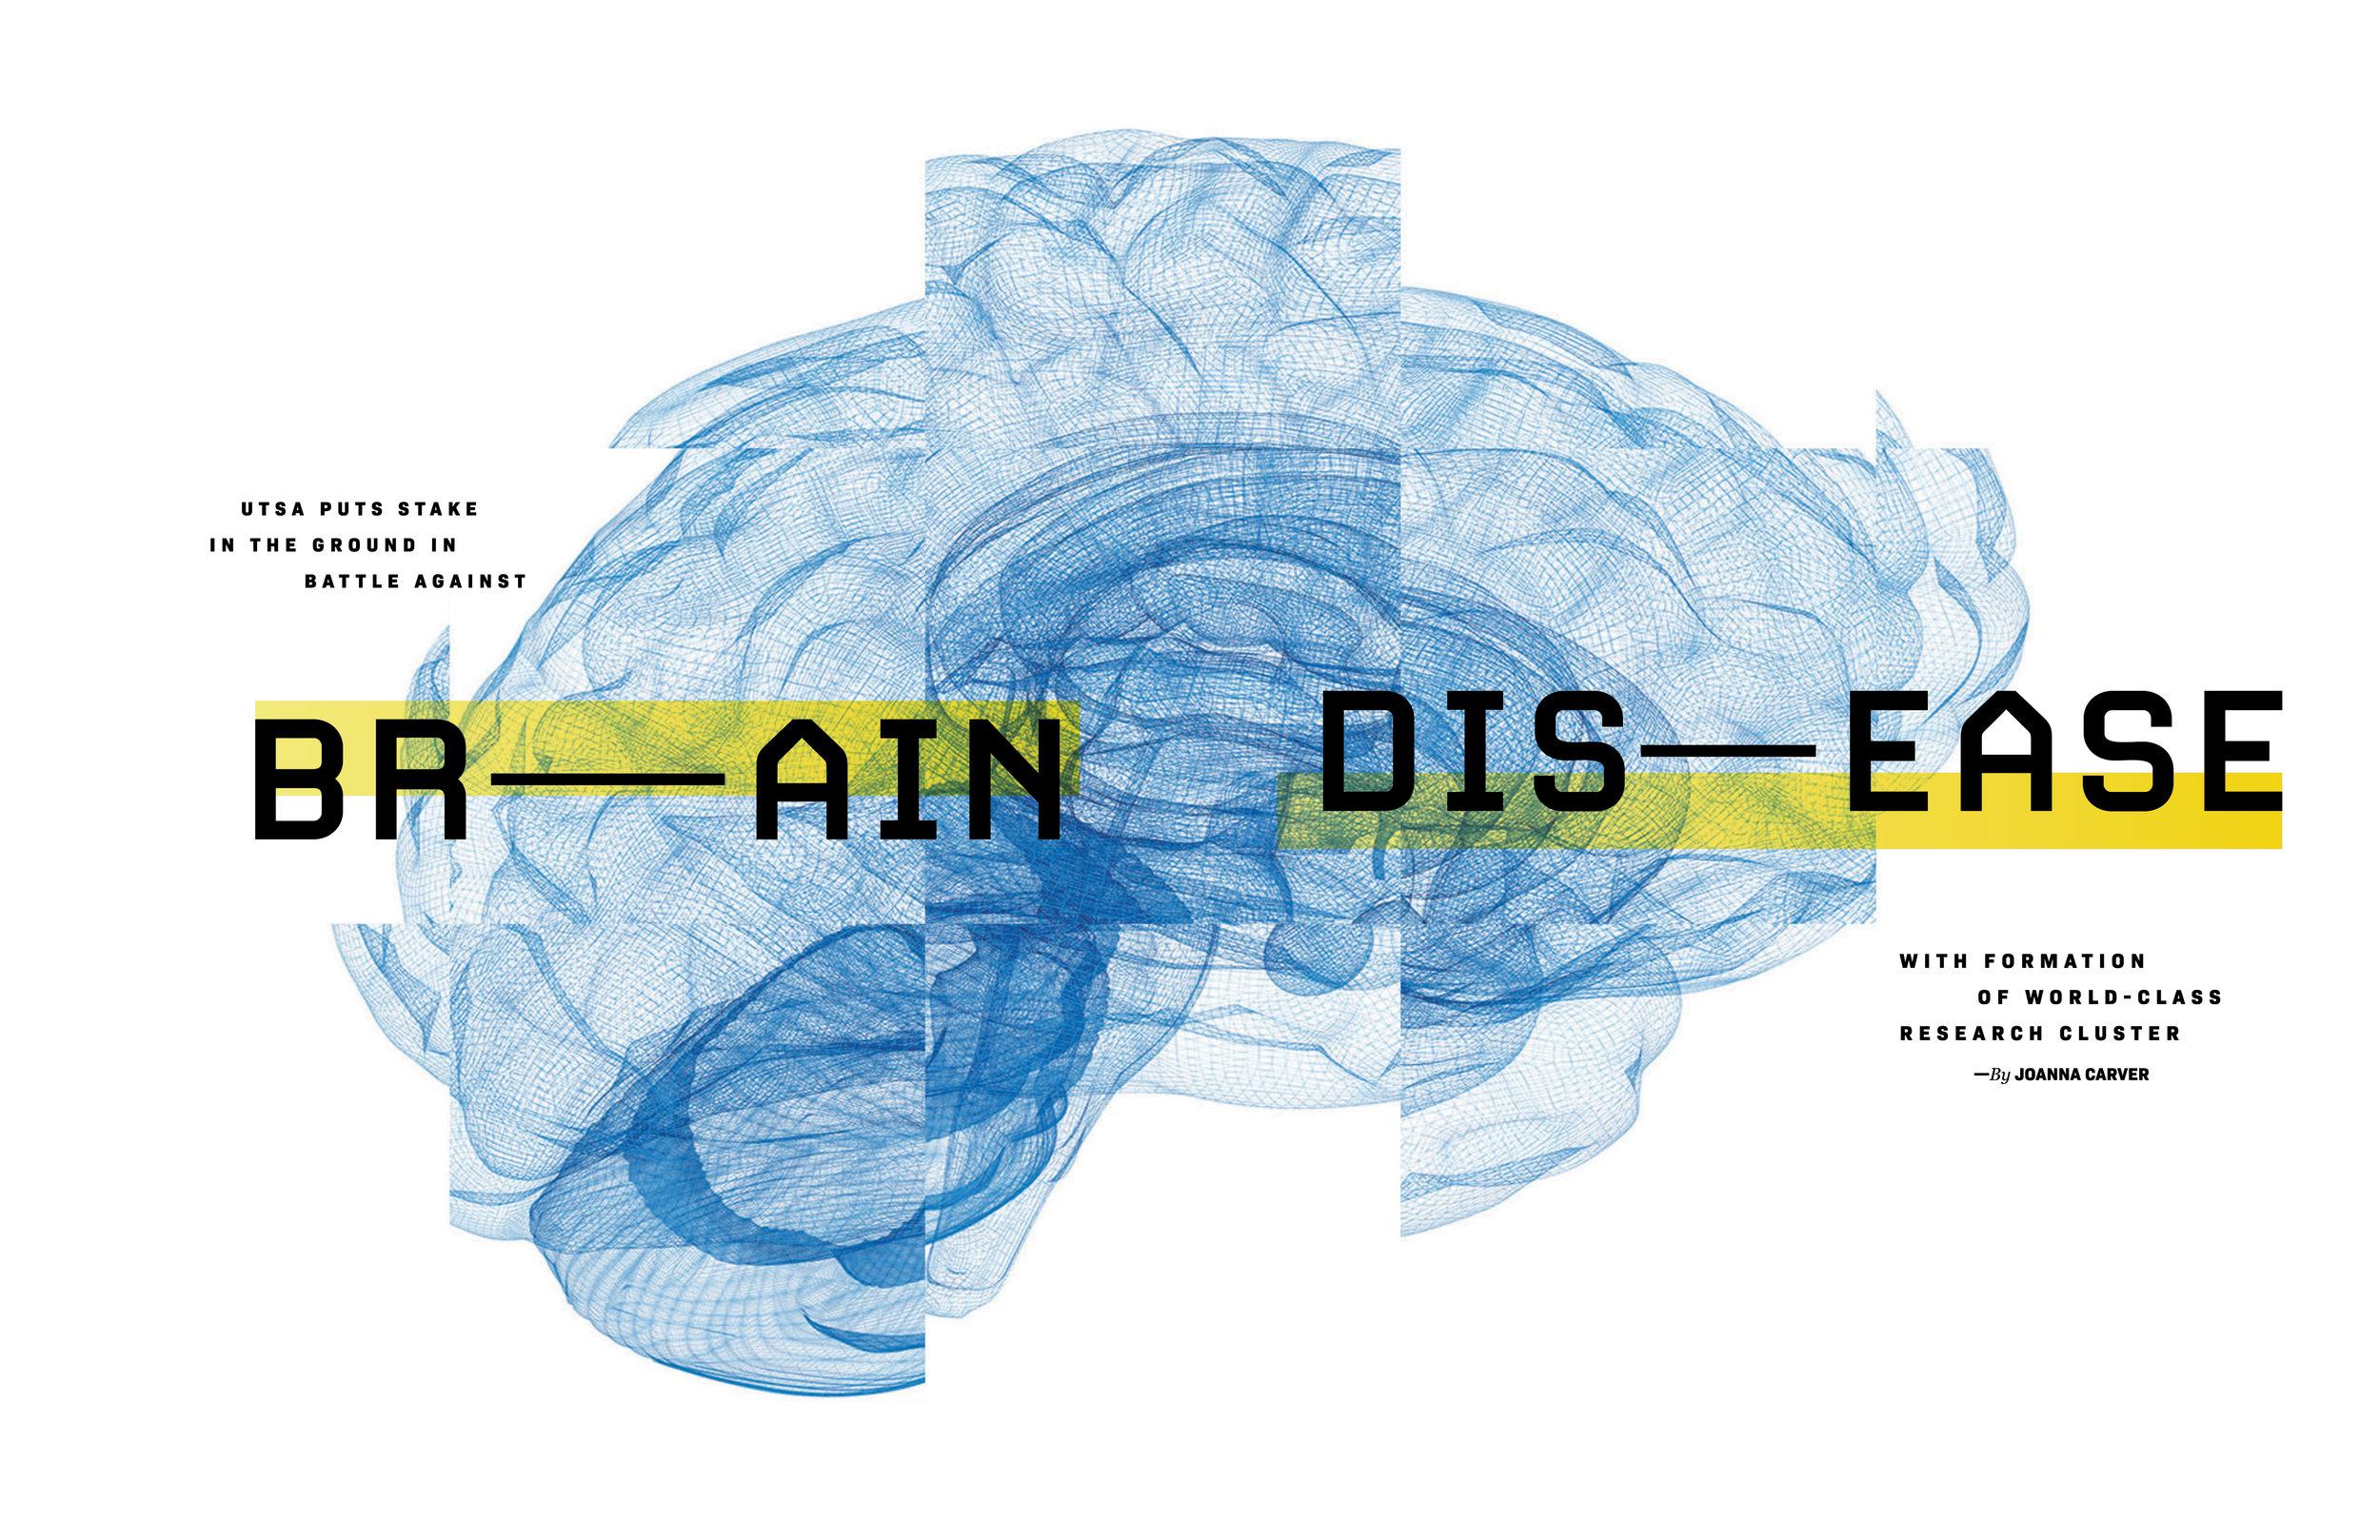 Discovery_9_brain.jpg